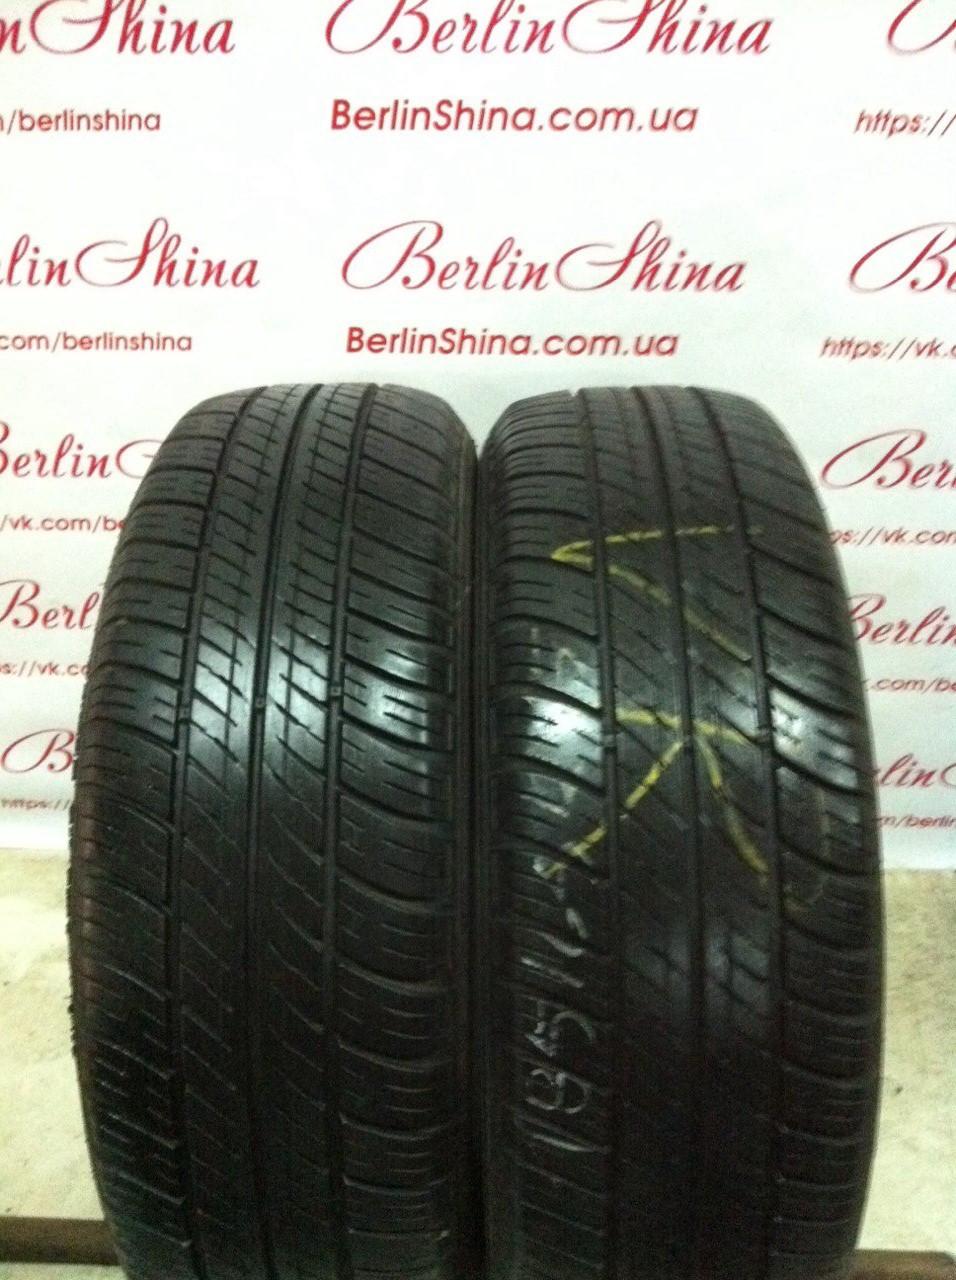 Летние шины б/у Dunlop SP10 3e 185/65/15 - BerlinShina в Киеве